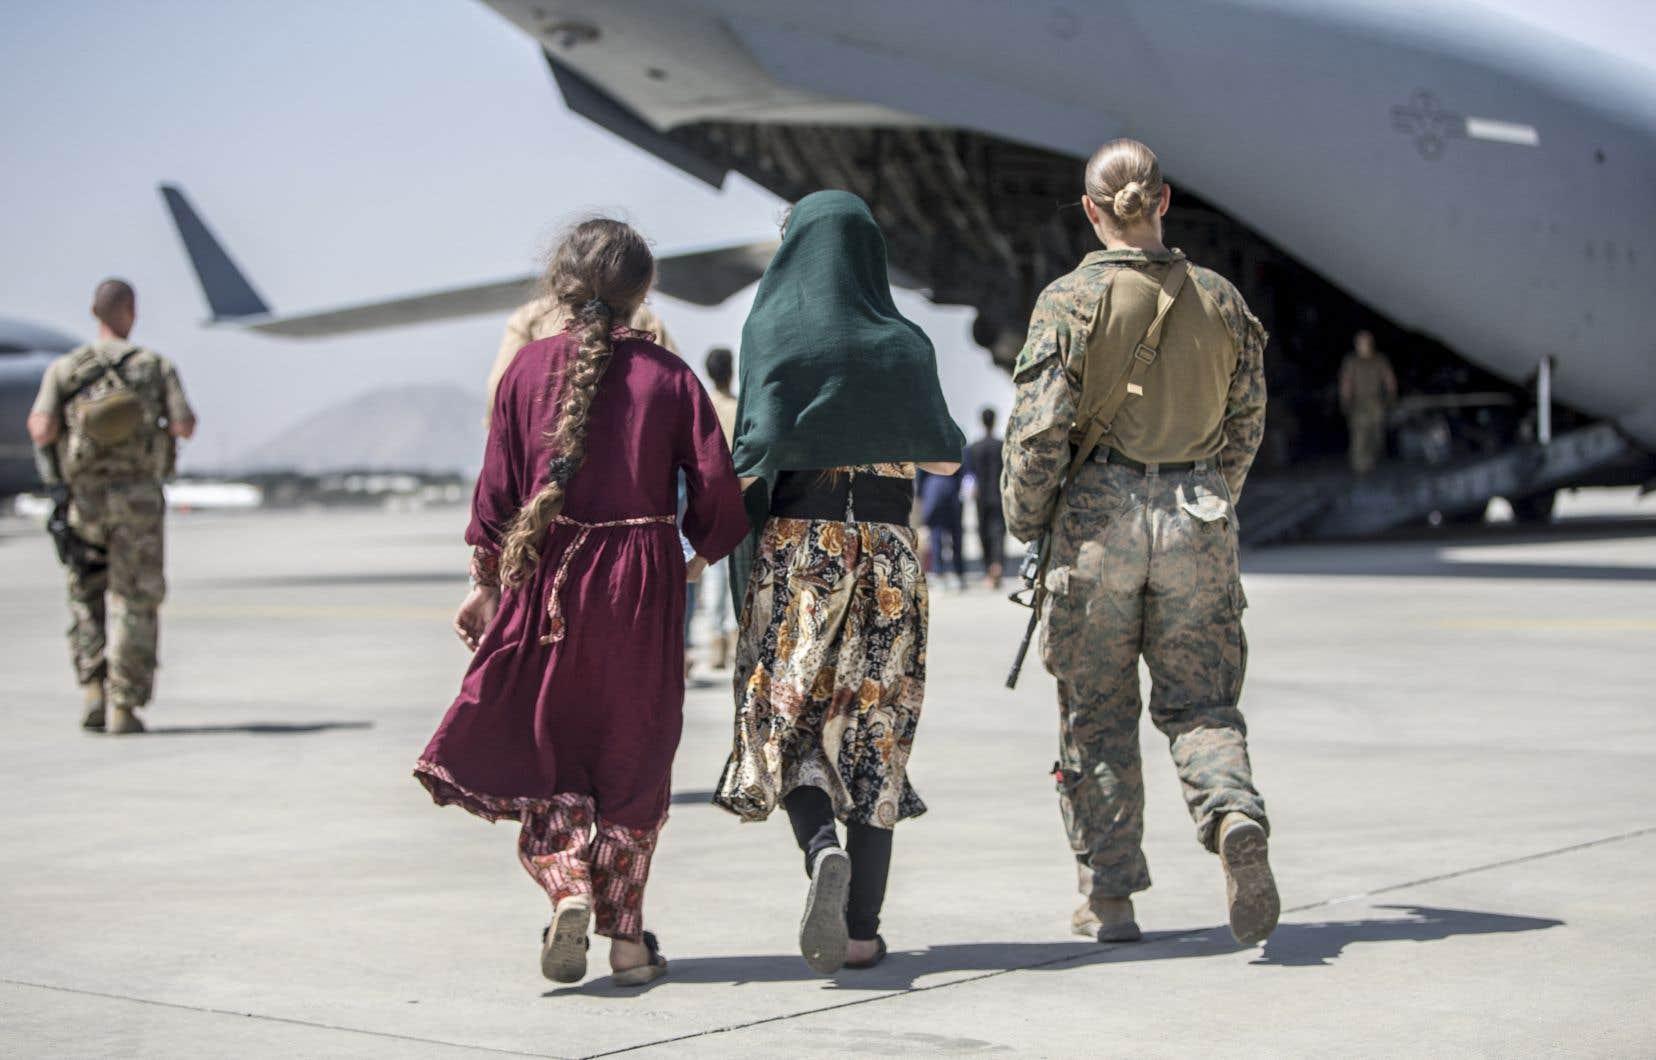 Des milliers d'Afghans sont massés depuis des jours à l'aéroport de Kaboul dans l'espoir de pouvoir entrer et monter dans un des avions affrétés par les Occidentaux.